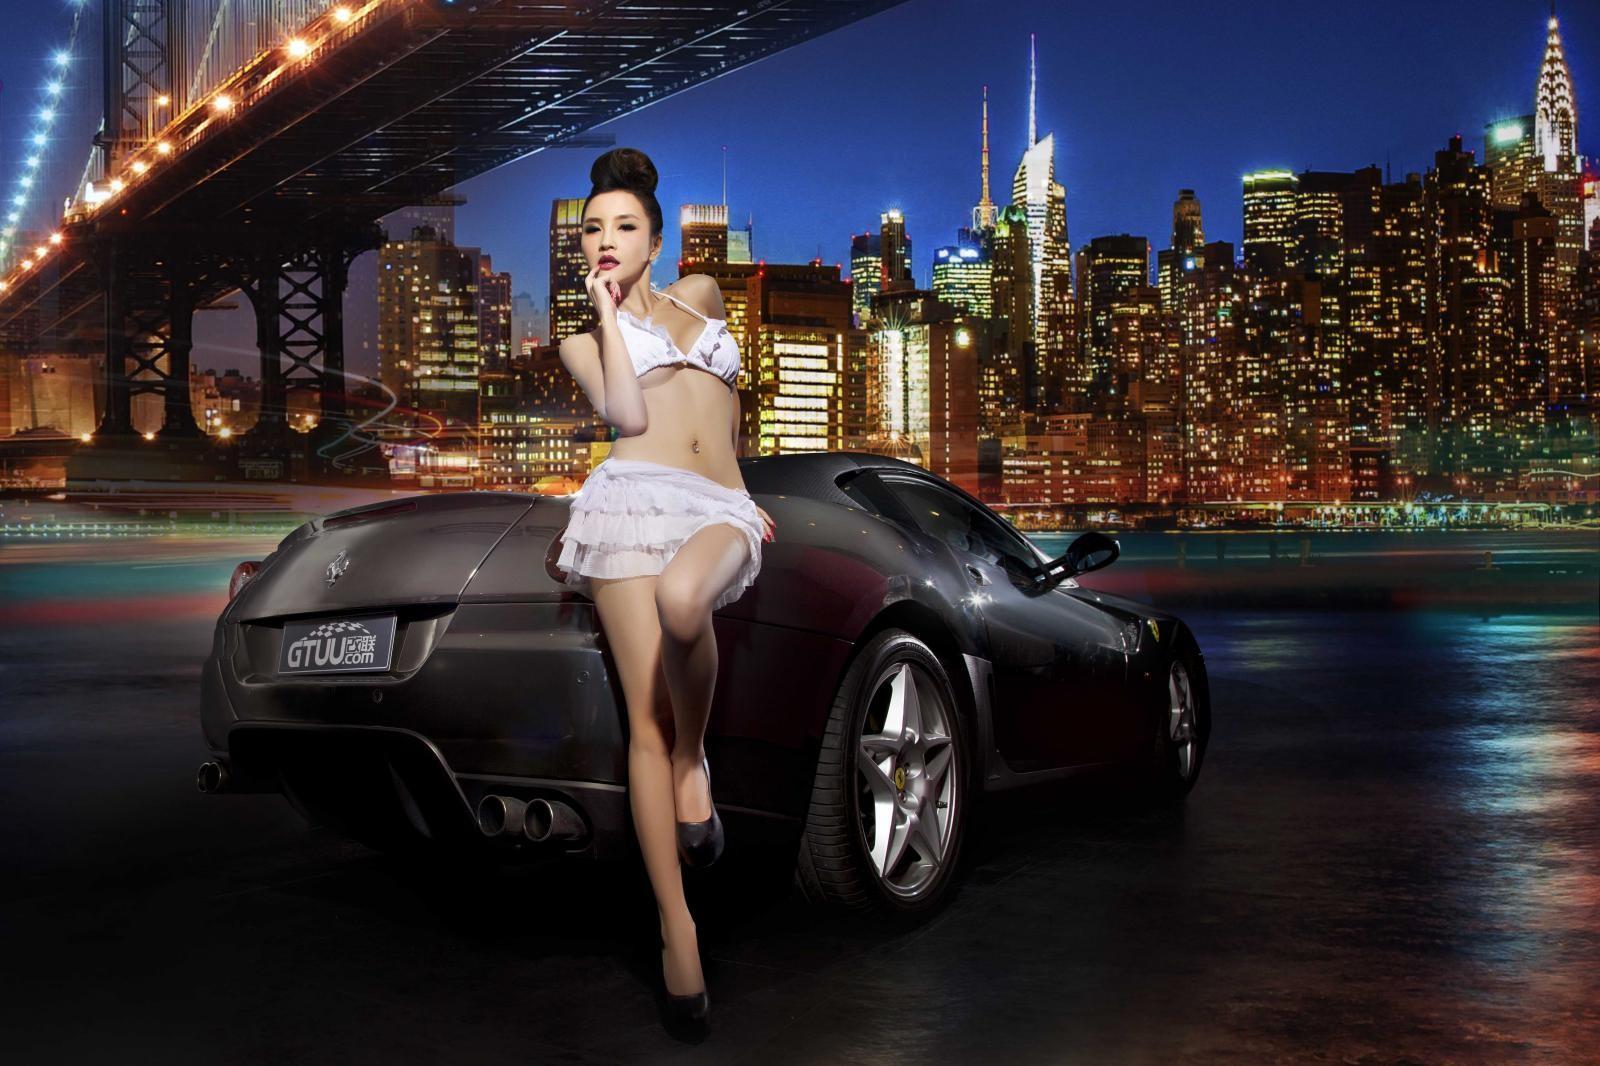 Đêm lãng mạn giữa người đẹp bốc lửa Y Ngạn và Ferrari 599 - 11